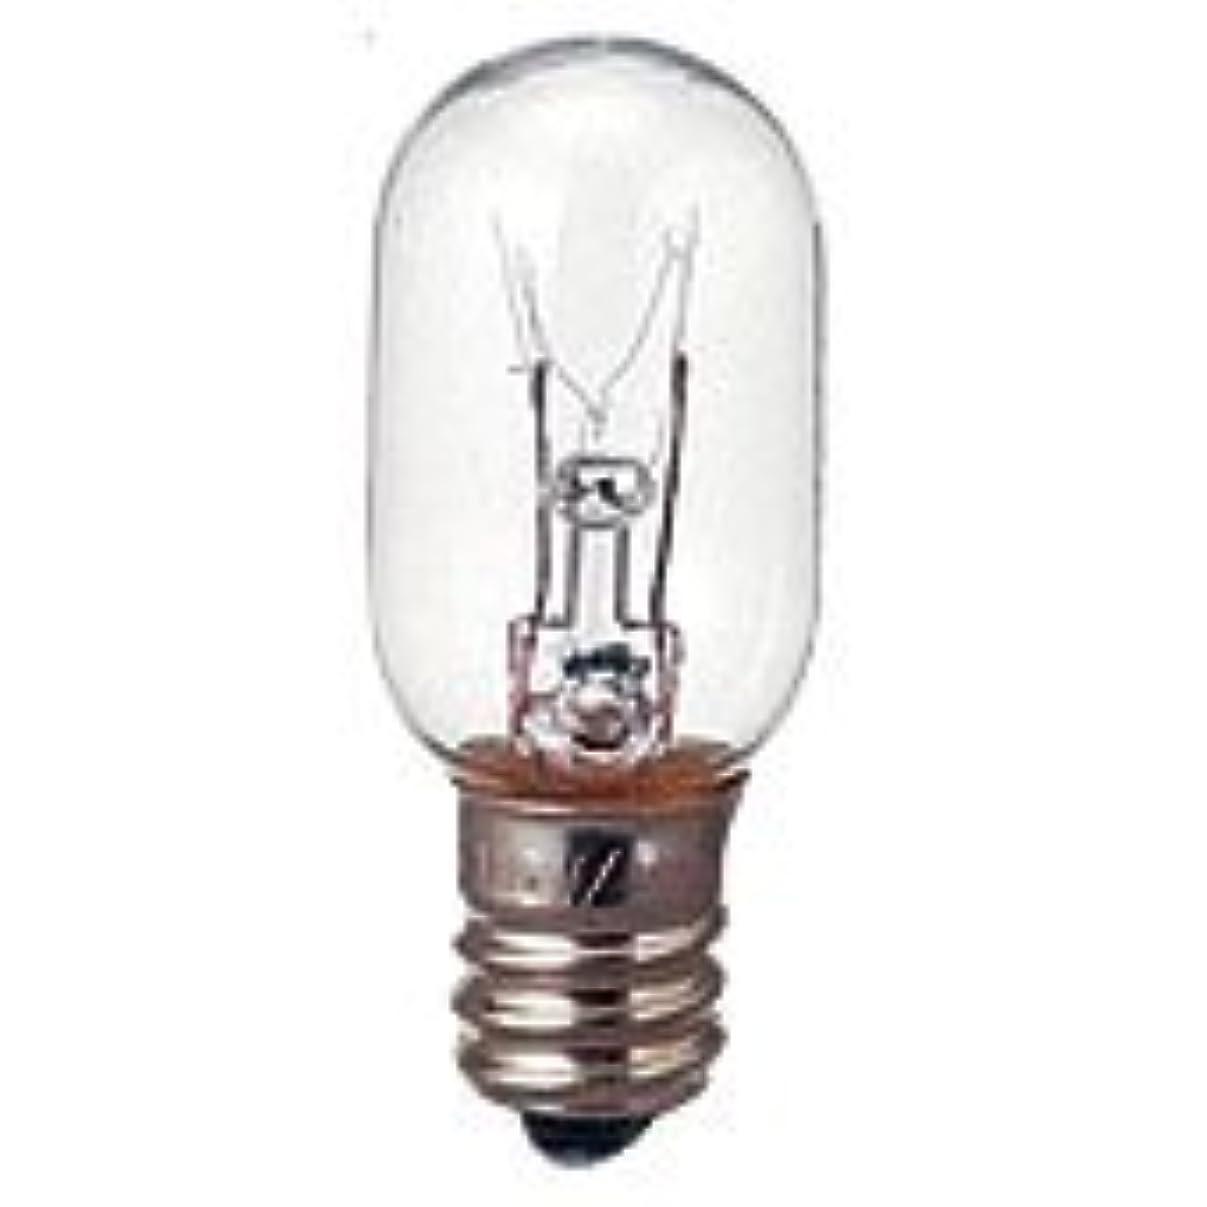 シチリア大きさ指標生活の木 オールナイト用電球(5W)